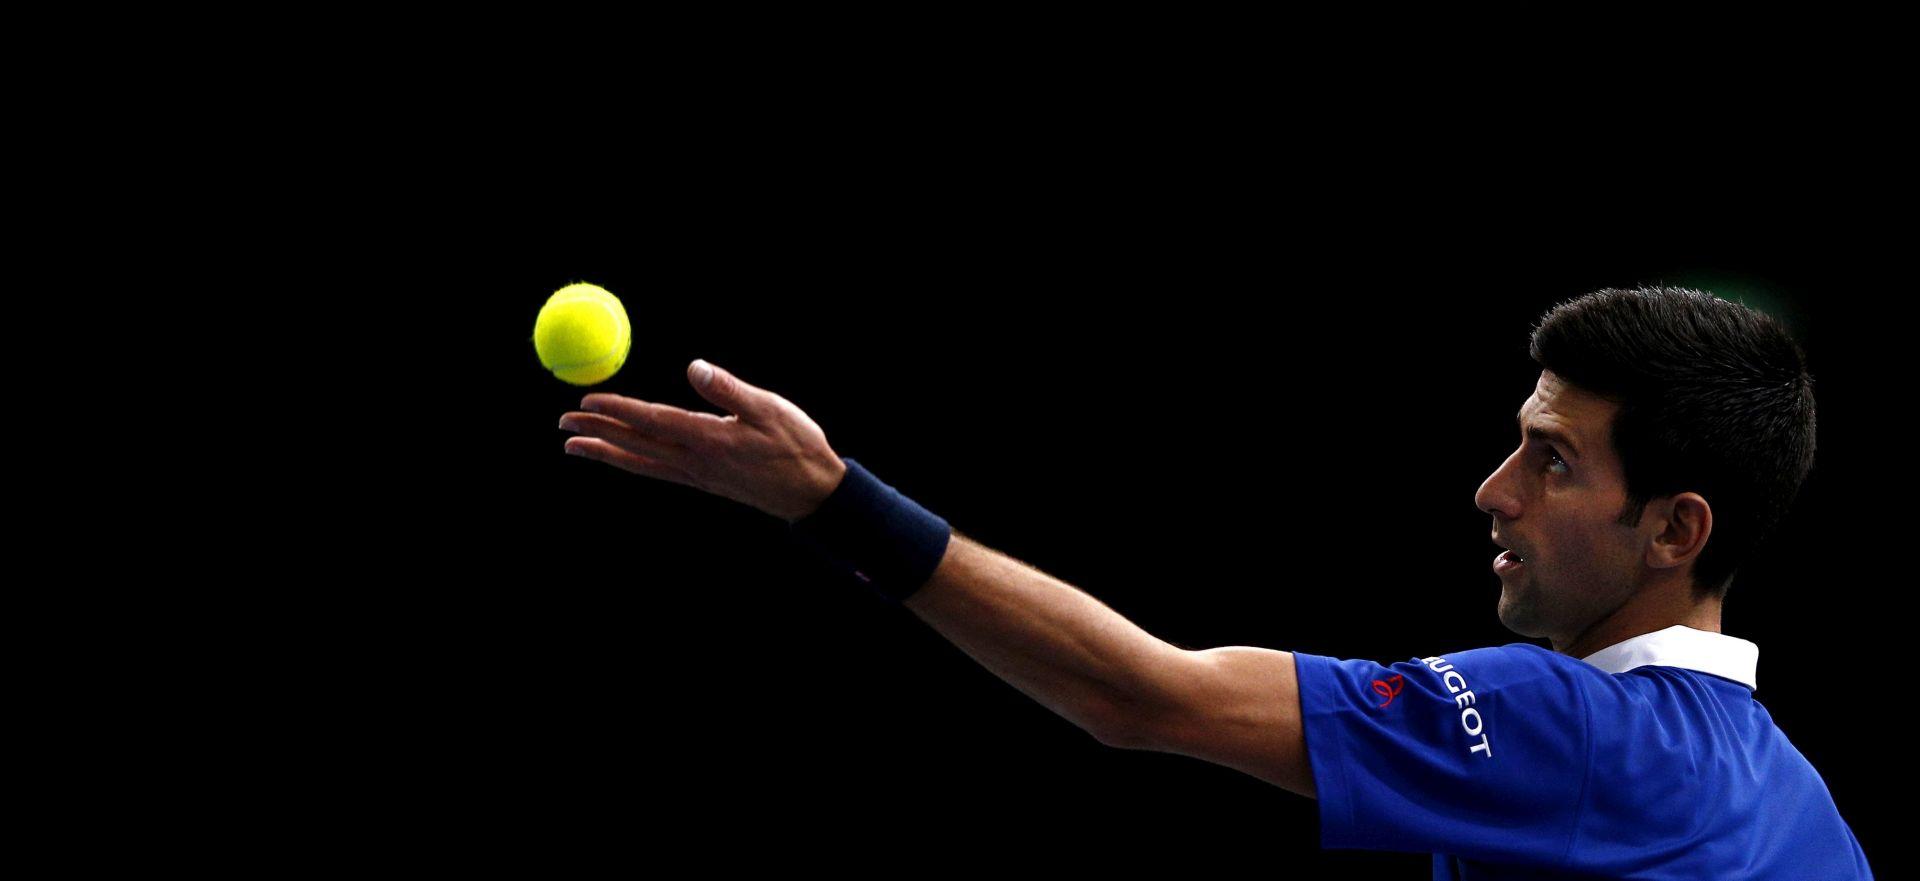 ATP PARIZ Đoković s novim rekordom na Murrayja